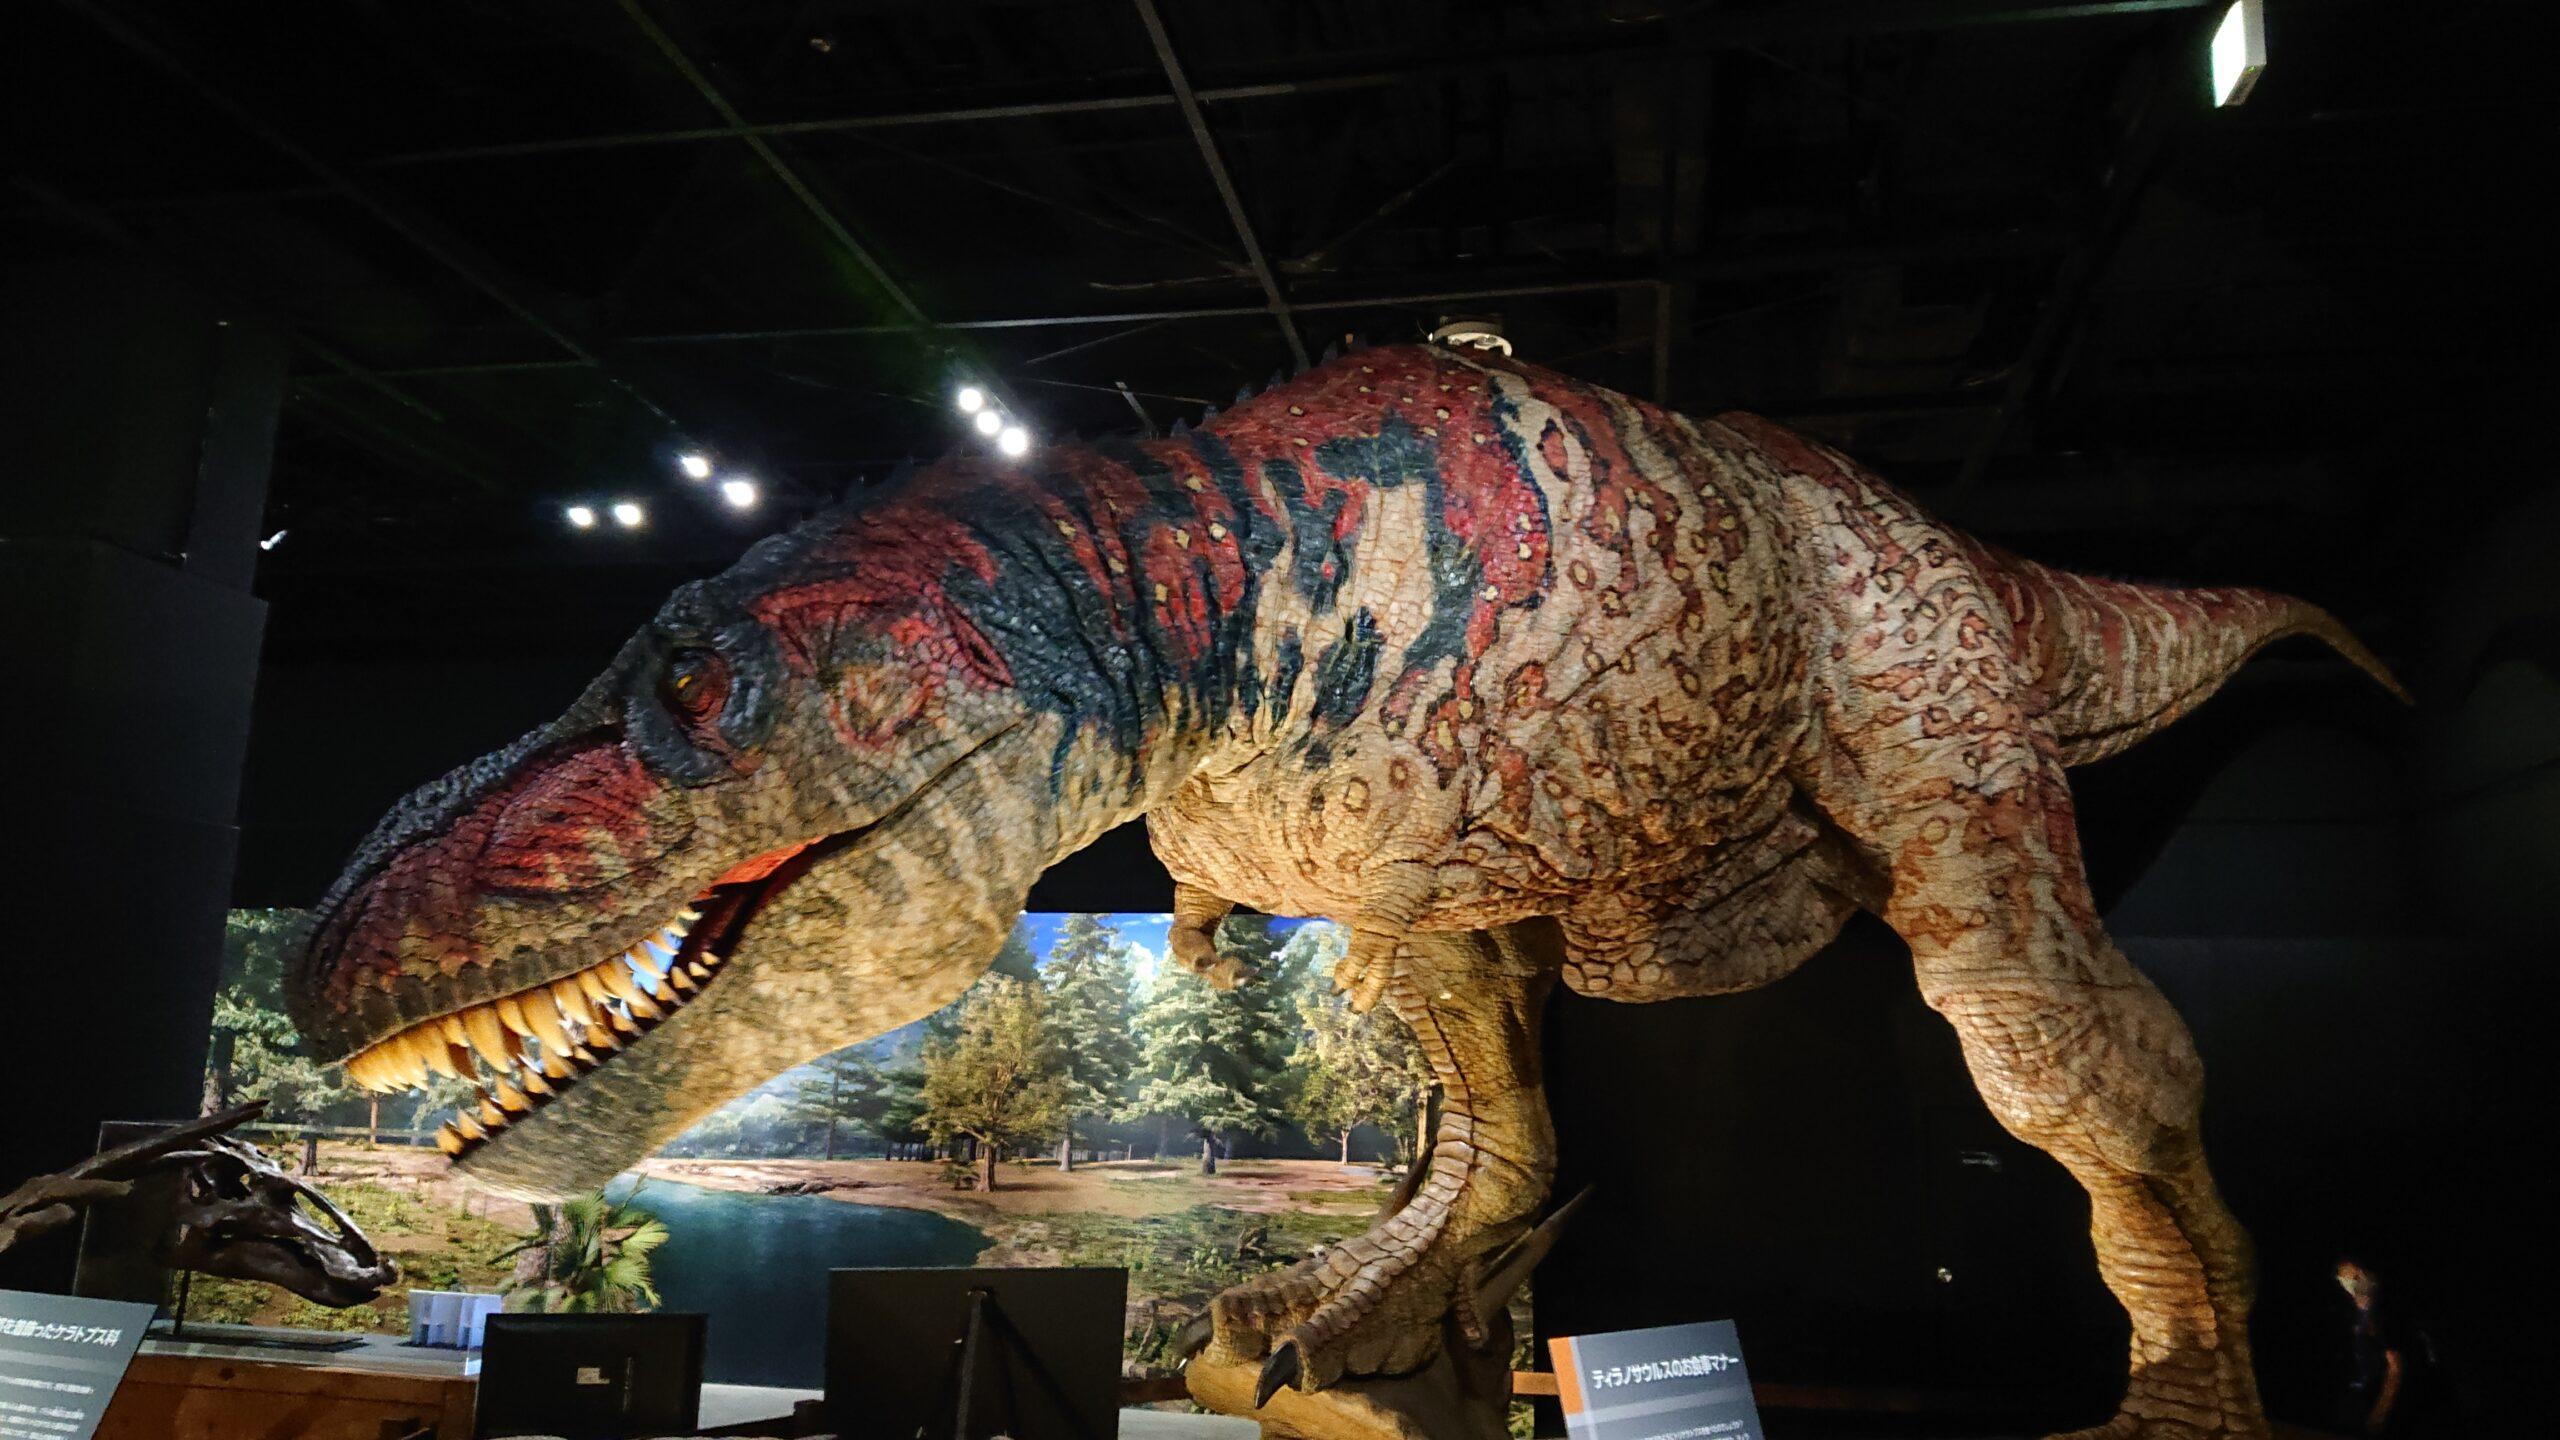 東京ドームシティで開催されている恐竜展2021のティラノサウルスのロボット